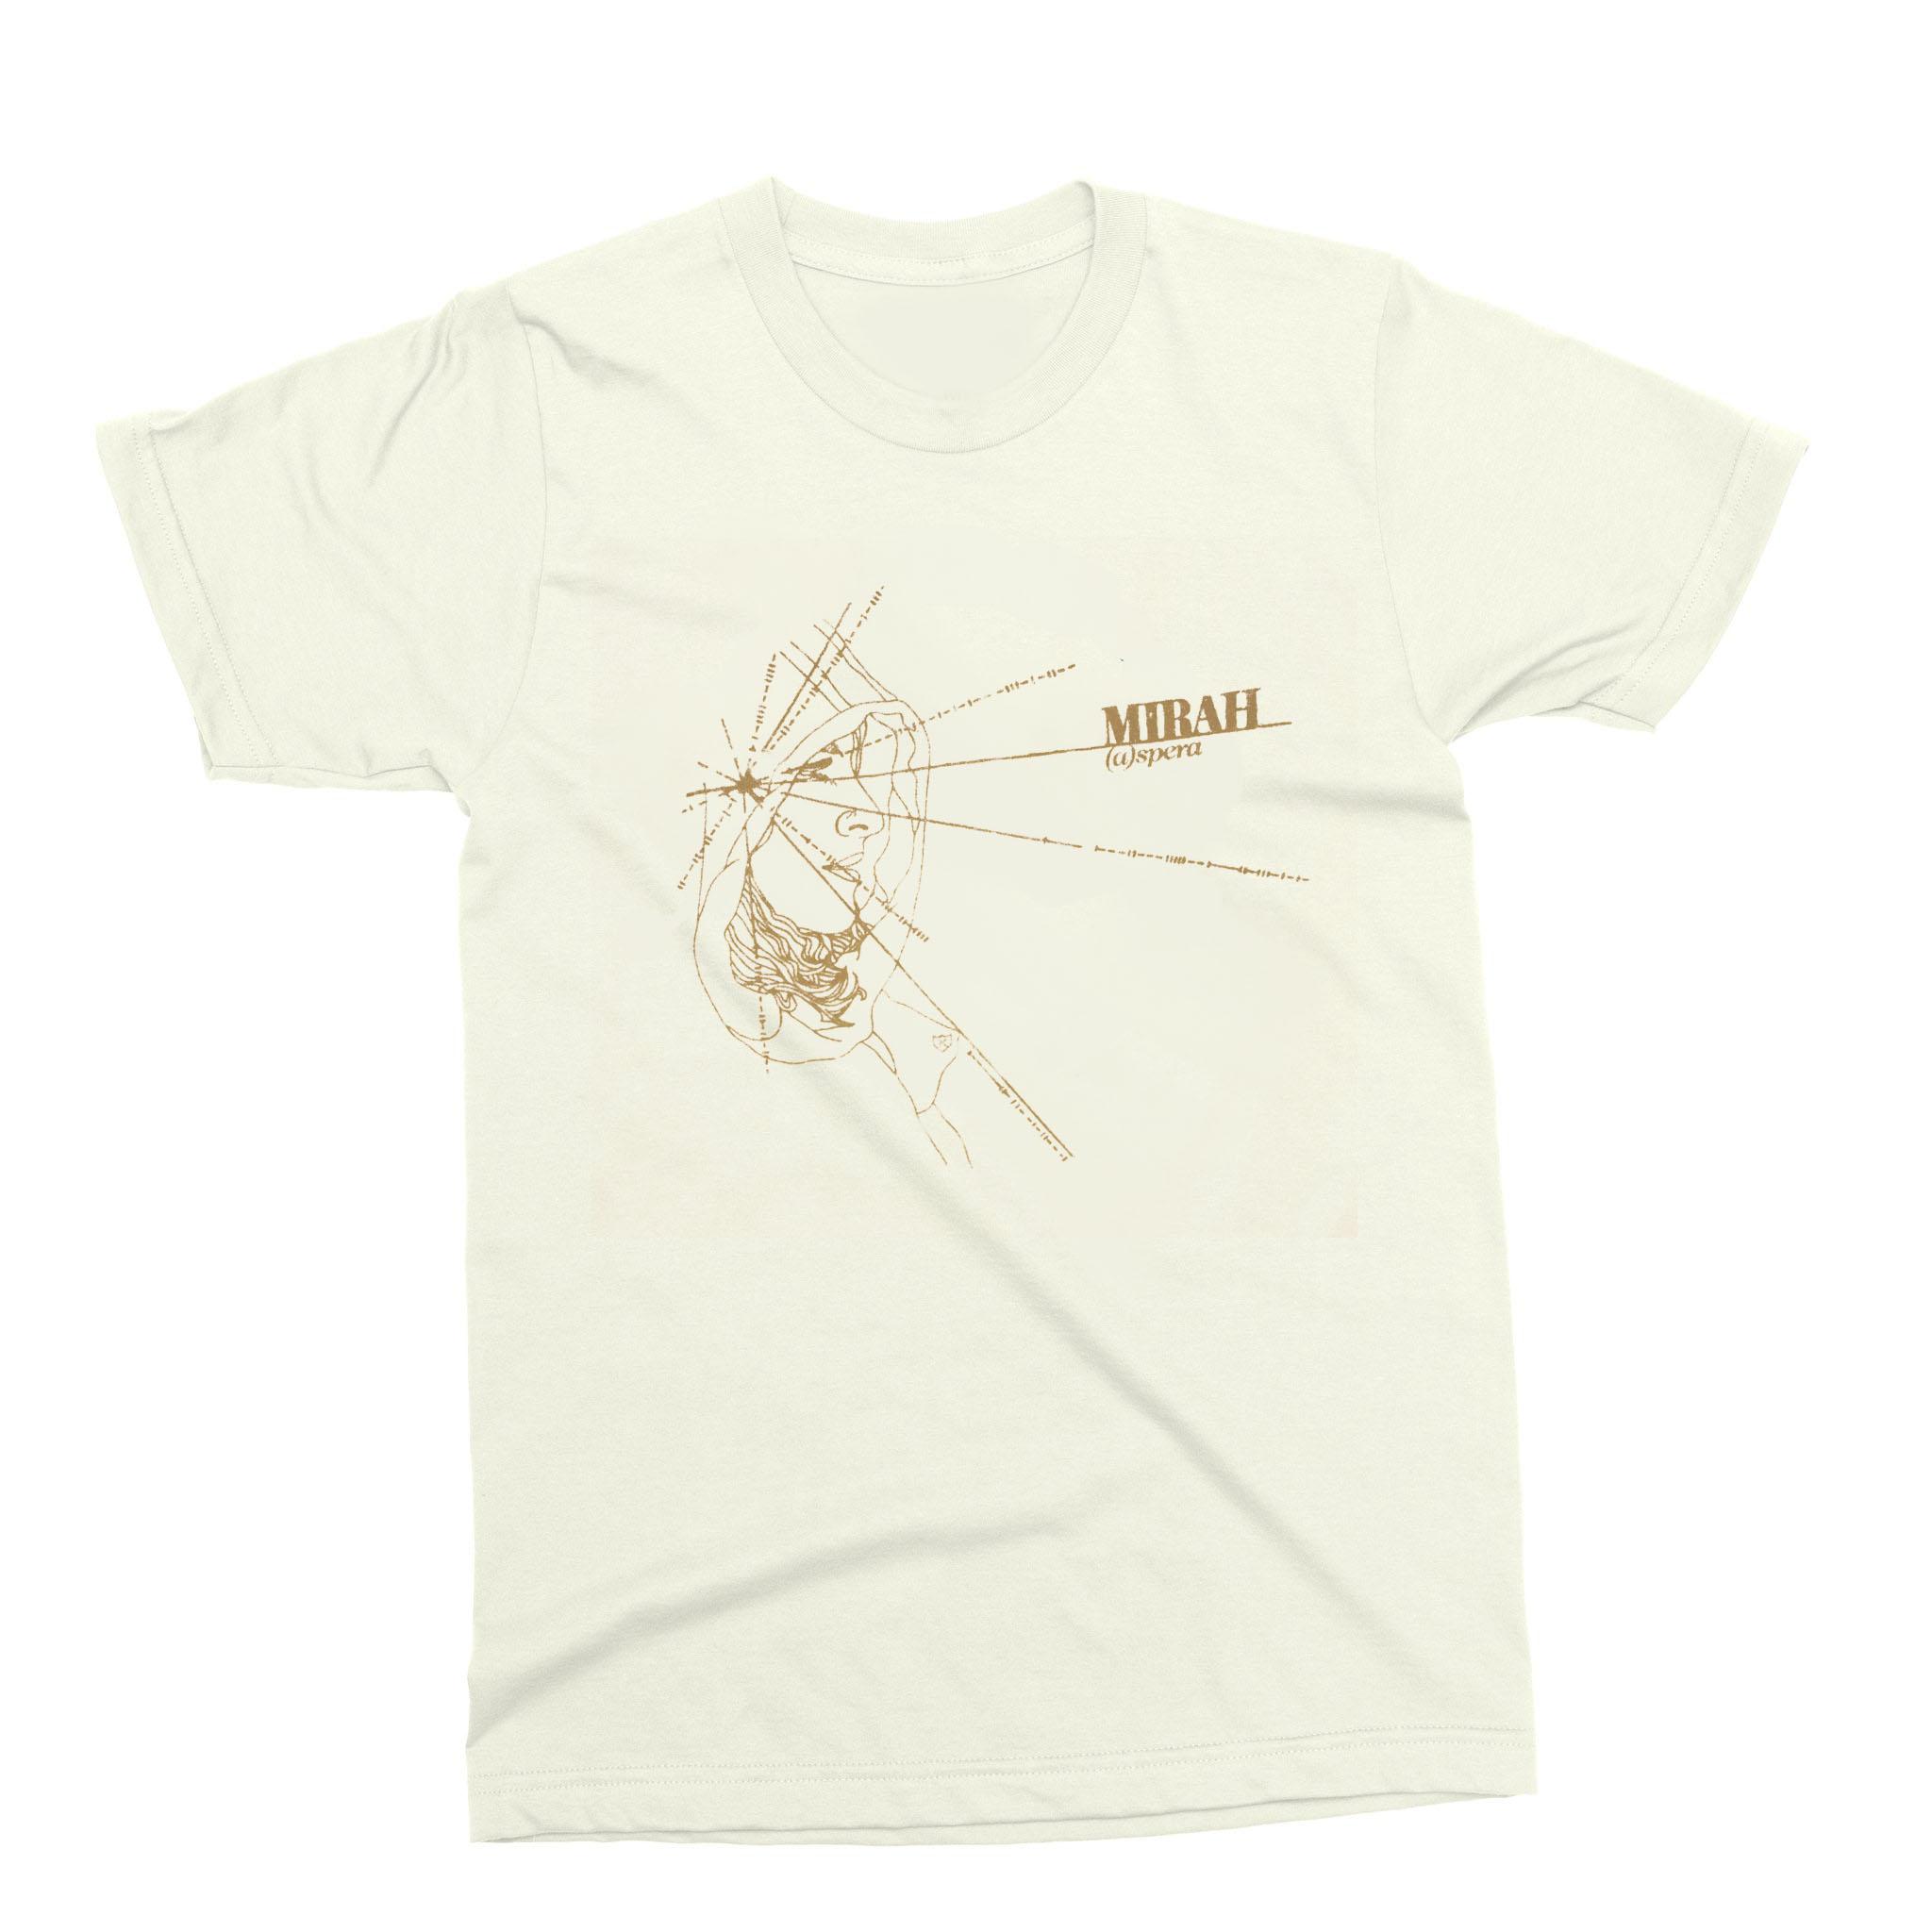 a spera t shirt mirah  [ 1500 x 1500 Pixel ]